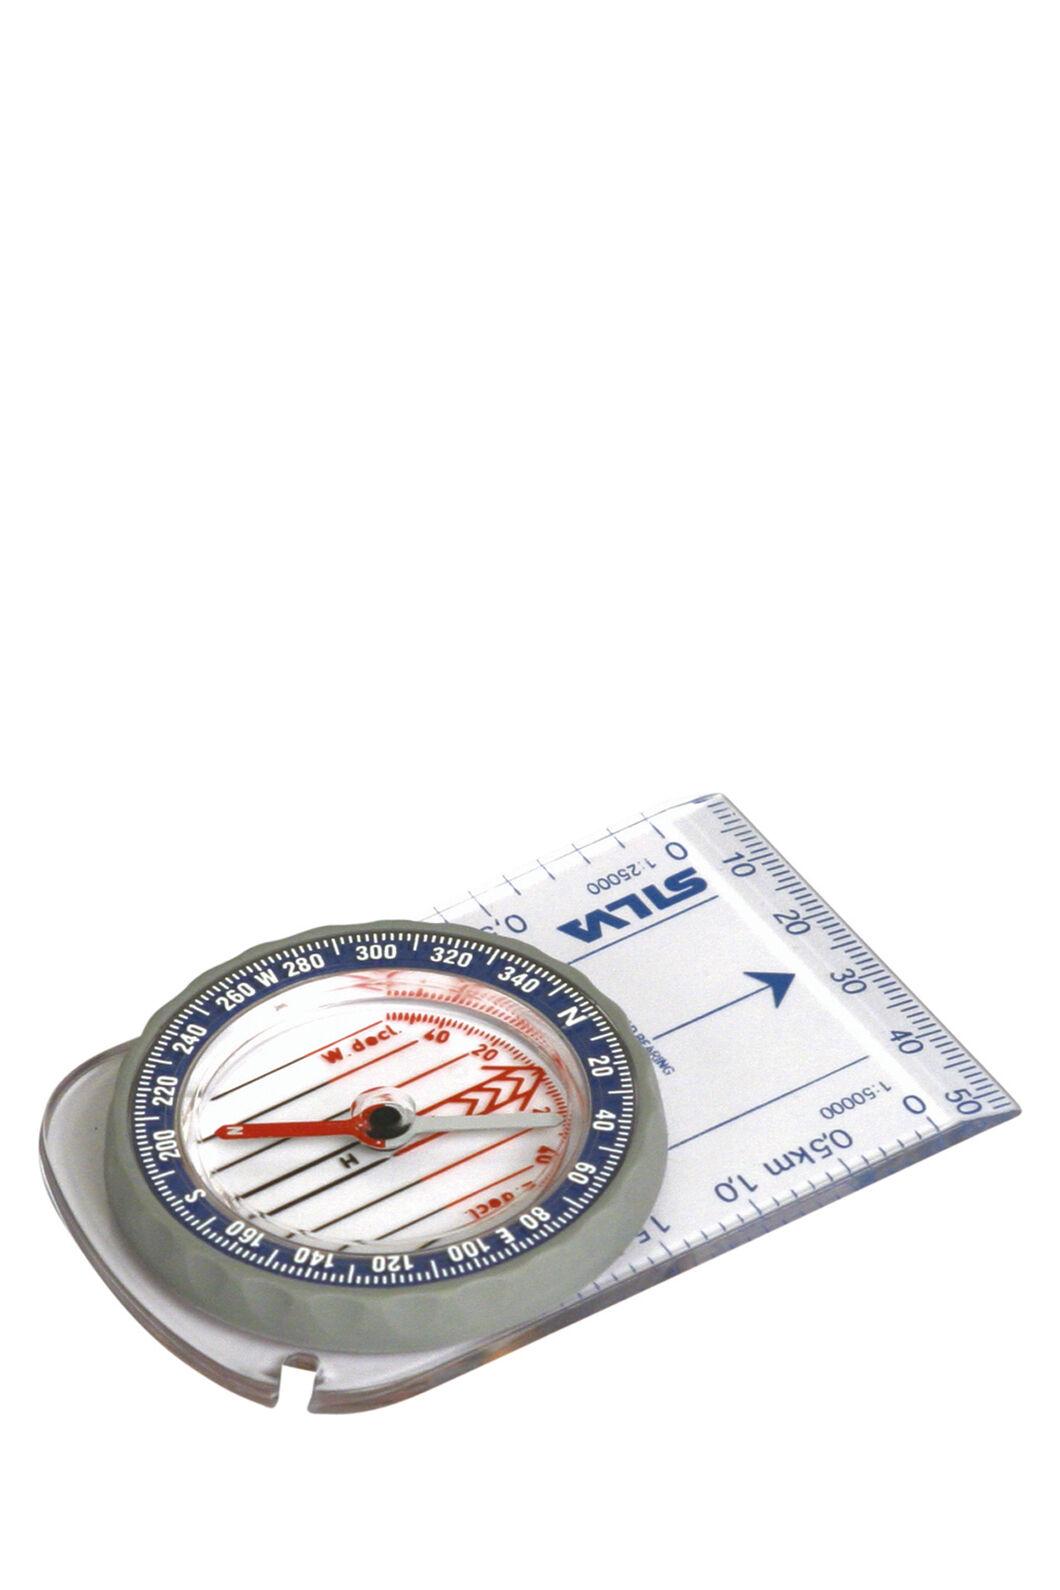 Silva Field Compass, None, hi-res